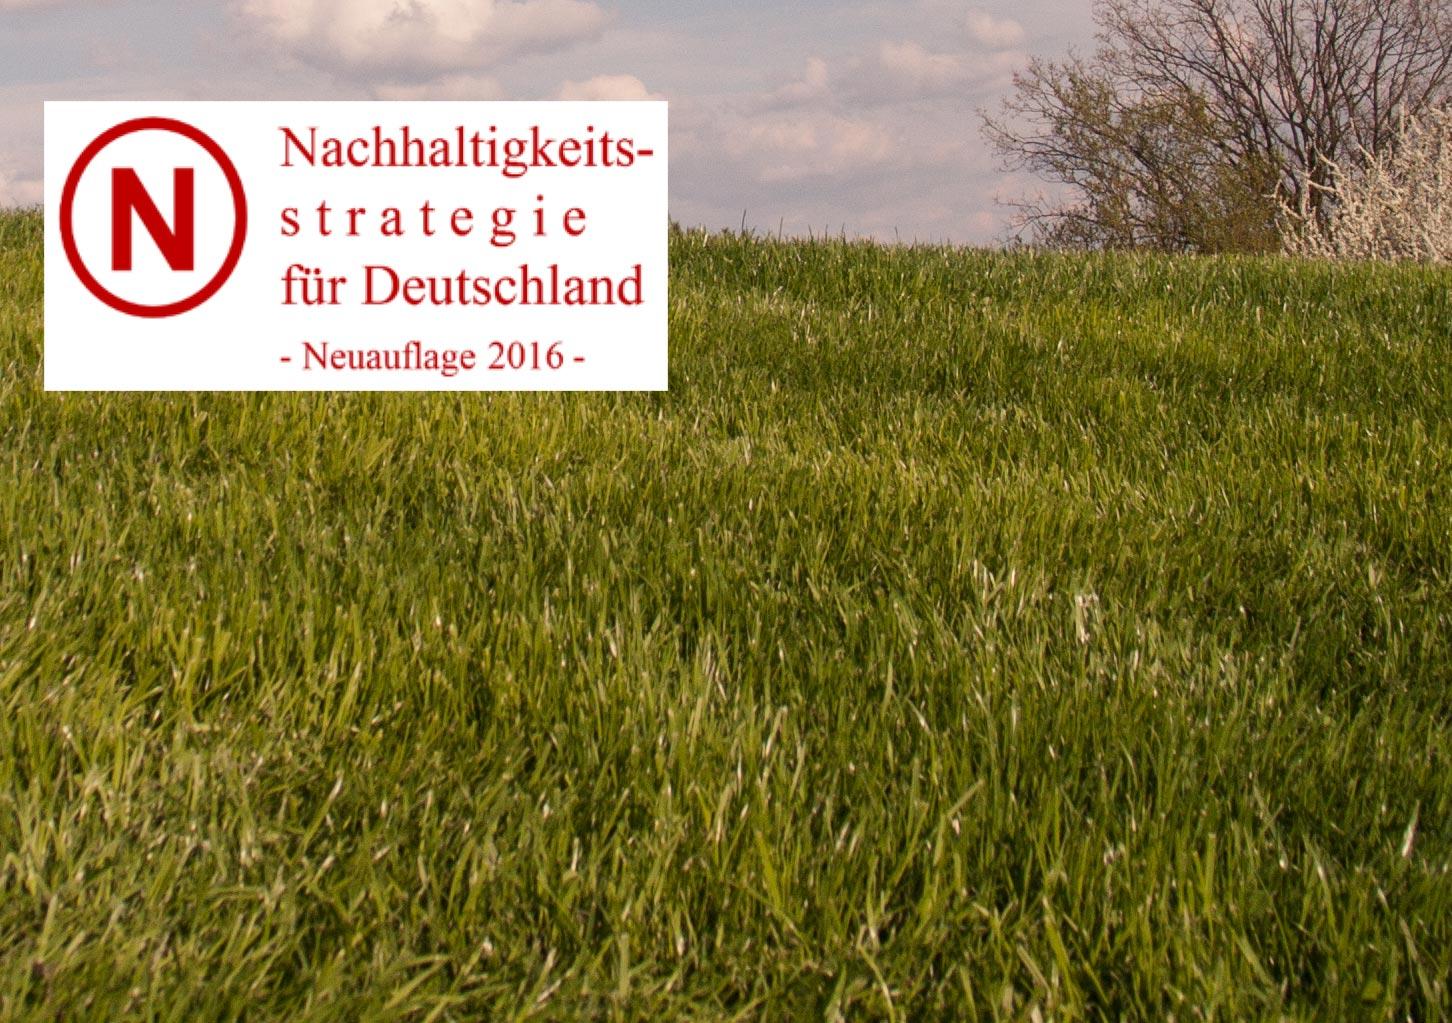 Logo der Nachhaltigkeitsstrategie für Deutschland - Neuauflage 2016